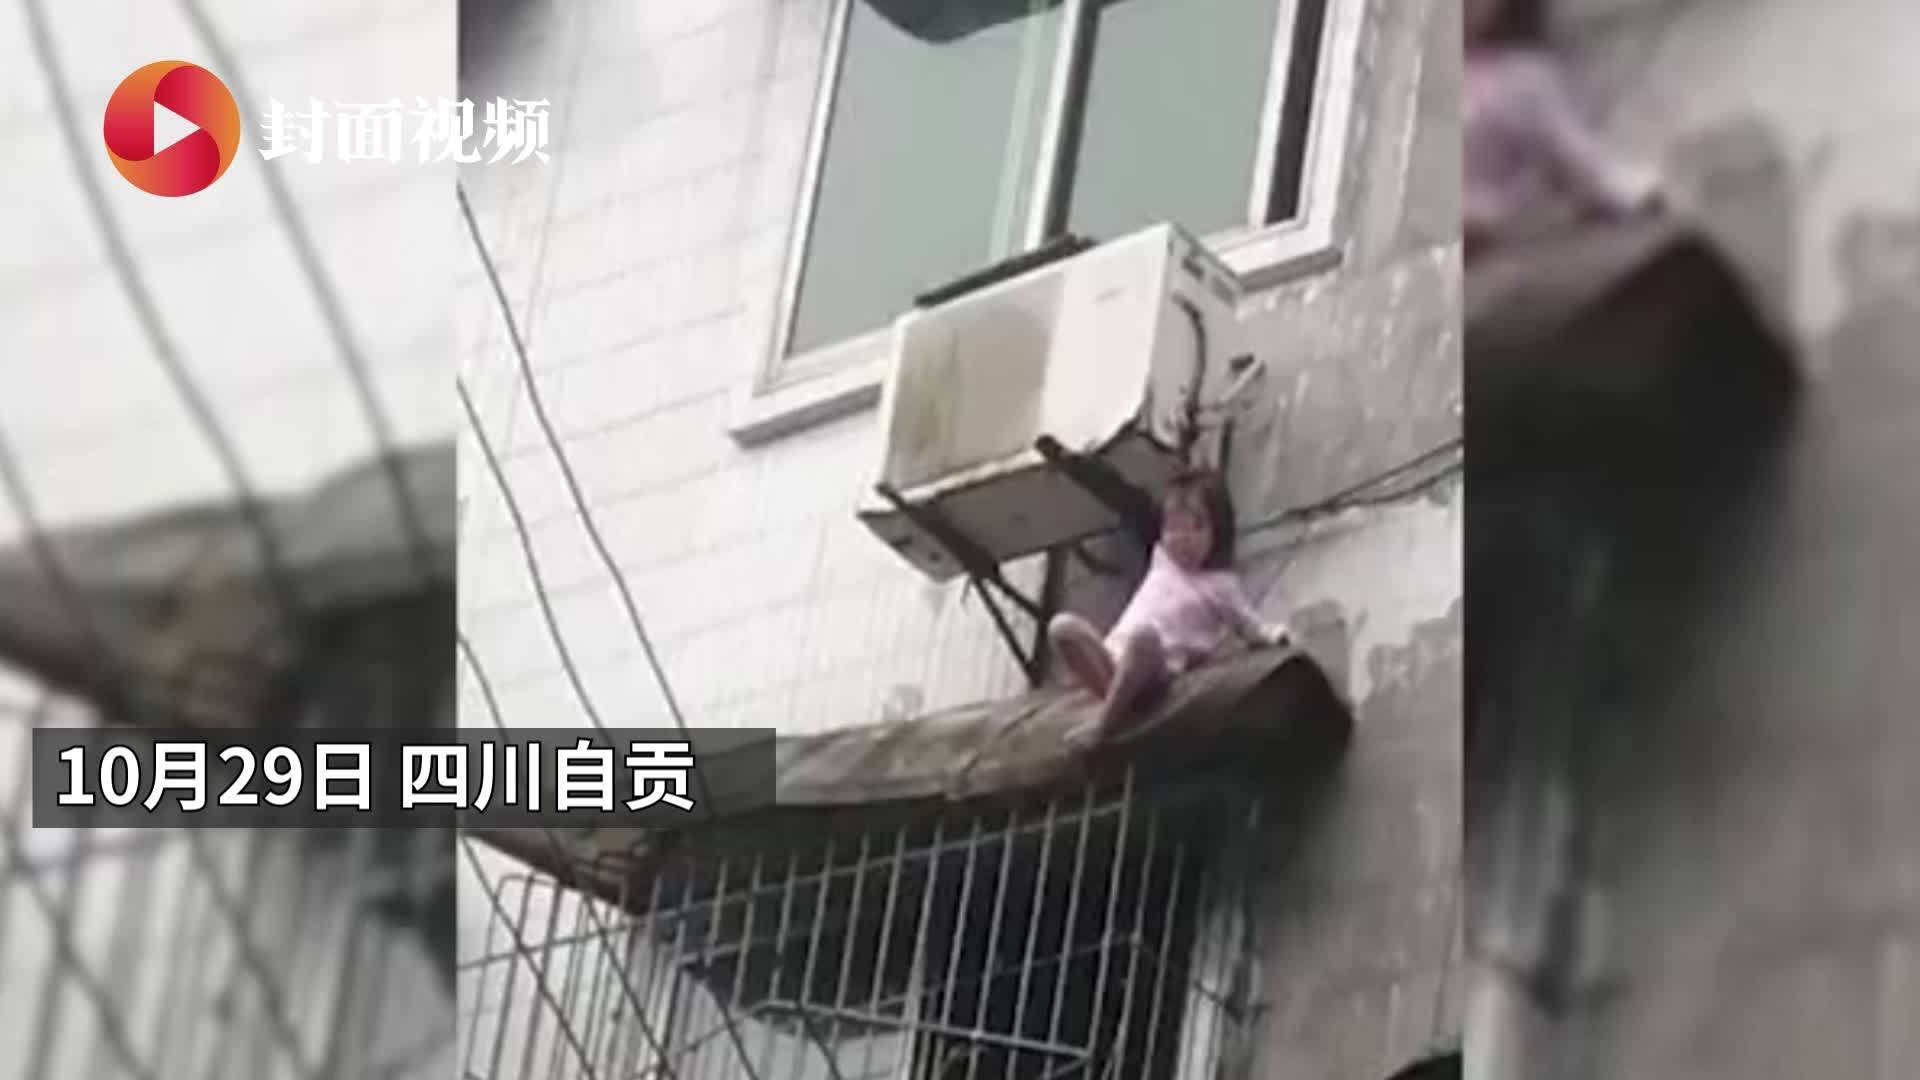 四川自贡一小孩悬挂4楼窗外 交警急借邻居家被子当气垫接住孩子